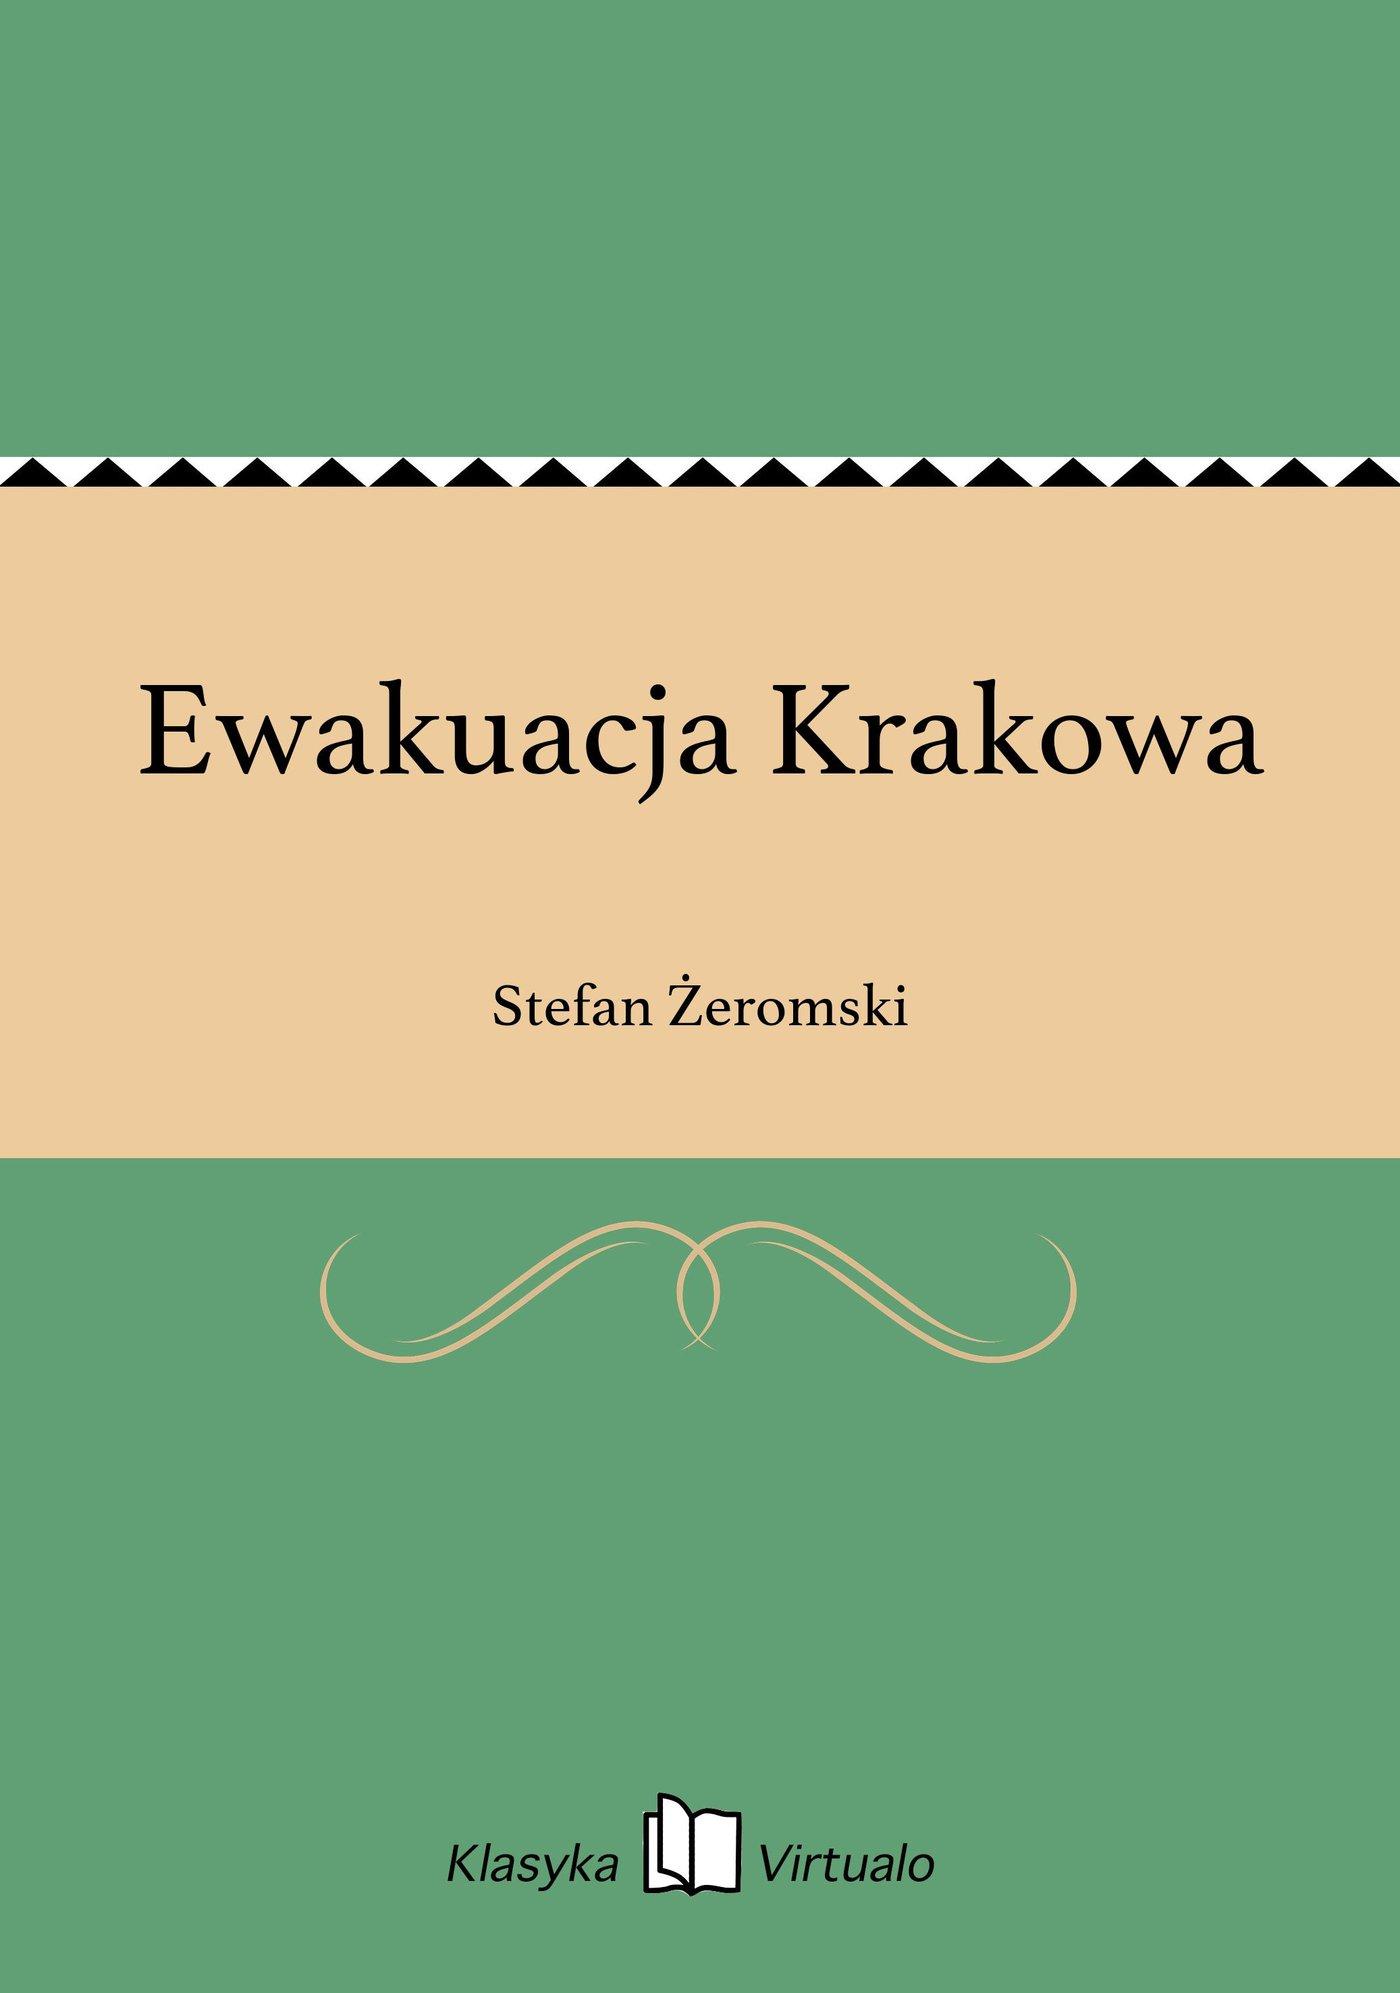 Ewakuacja Krakowa - Ebook (Książka EPUB) do pobrania w formacie EPUB